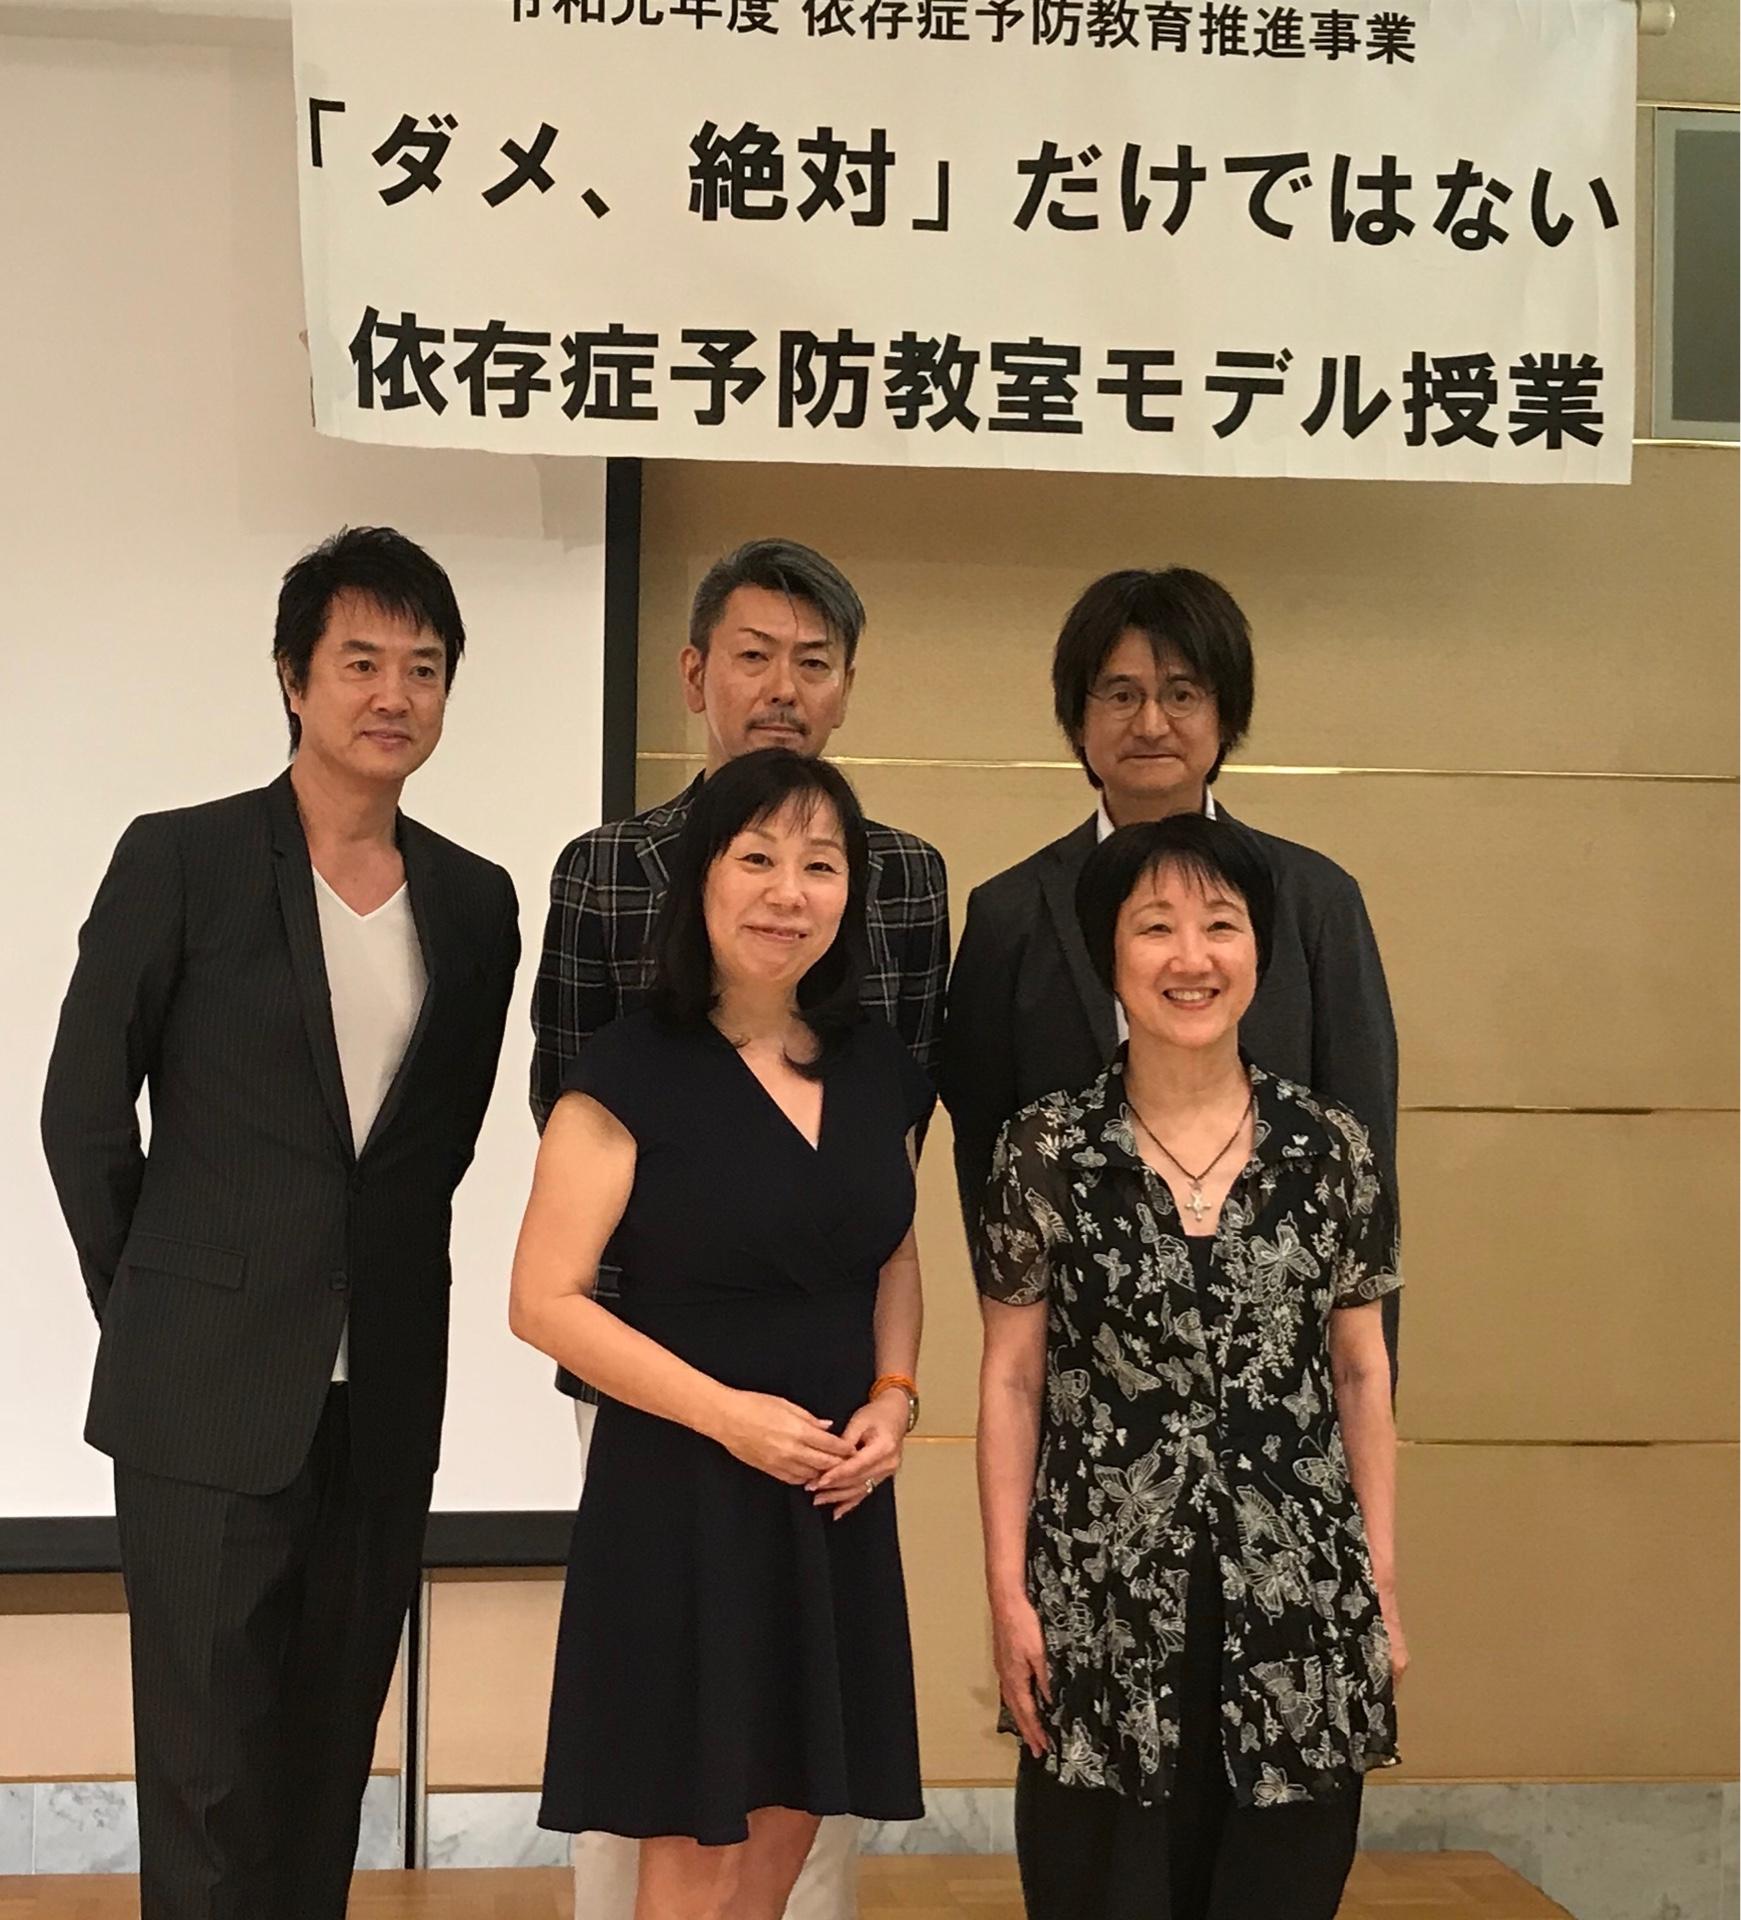 大盛況!文科省委託事業 依存症予防教育モデル授業in金沢です